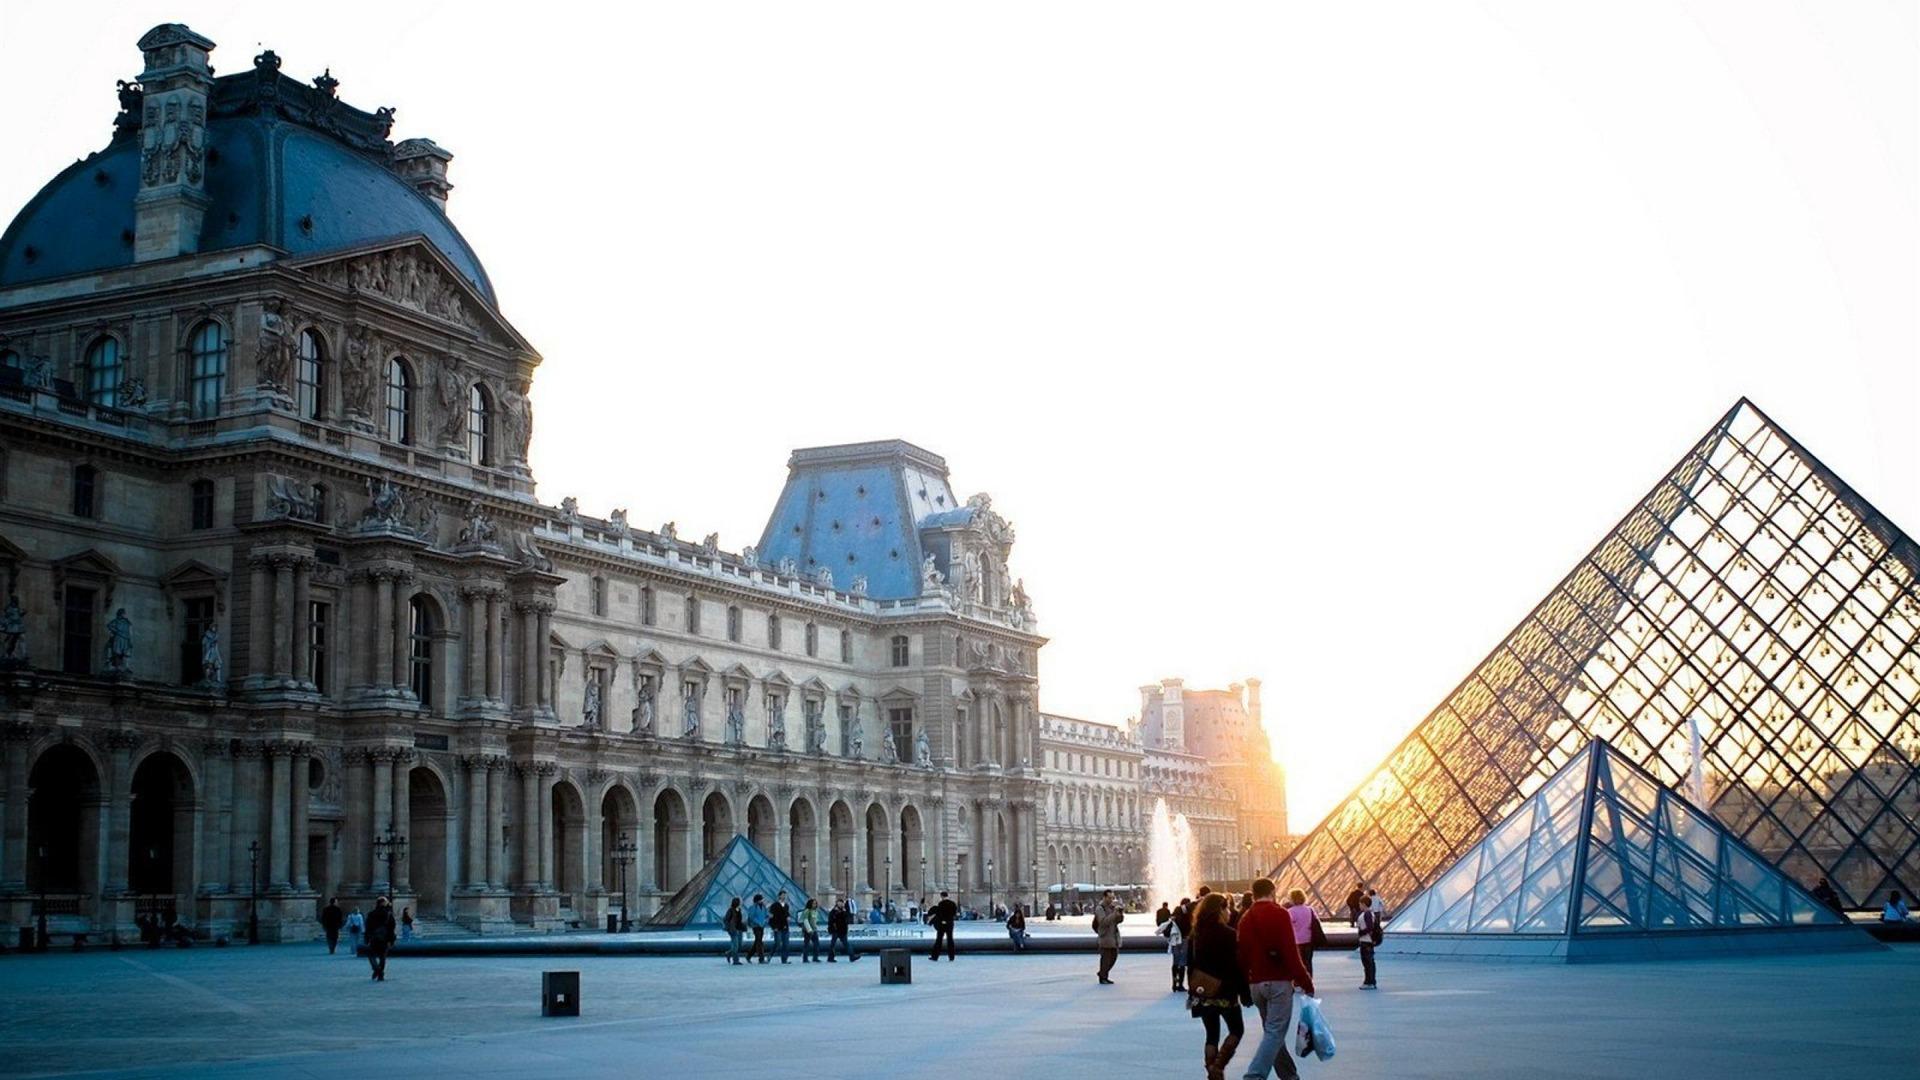 Mus e du louvre france paris fond d 39 cran paysage urbain for Paris paysage